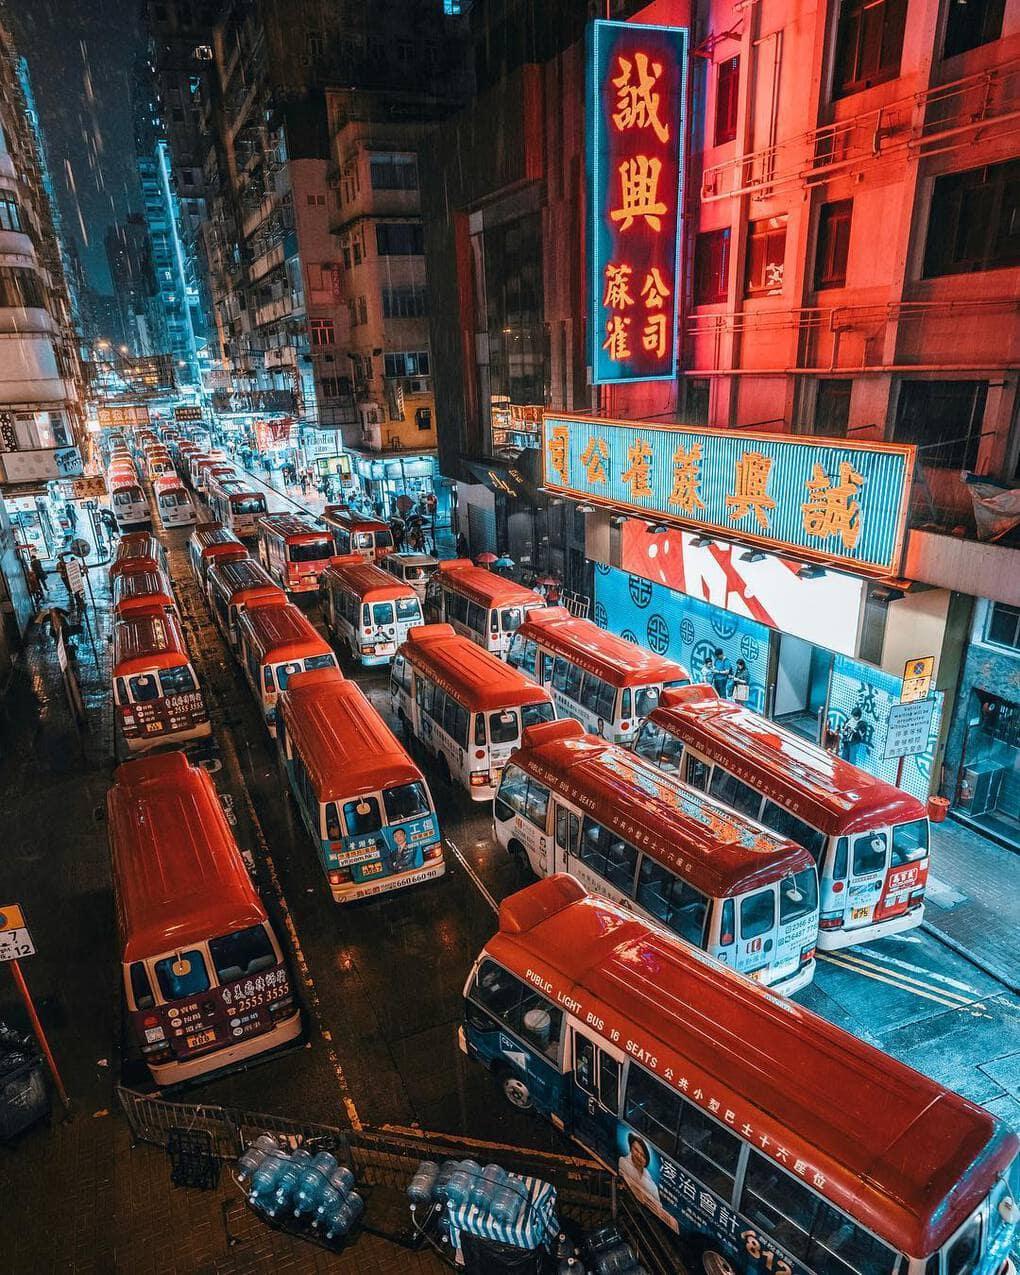 jungraphy 56260422 292385181662203 6604908713992829614 n - 25 работ фотографа из Токио, которые погрузят вас в магическую атмосферу ночных японских улиц